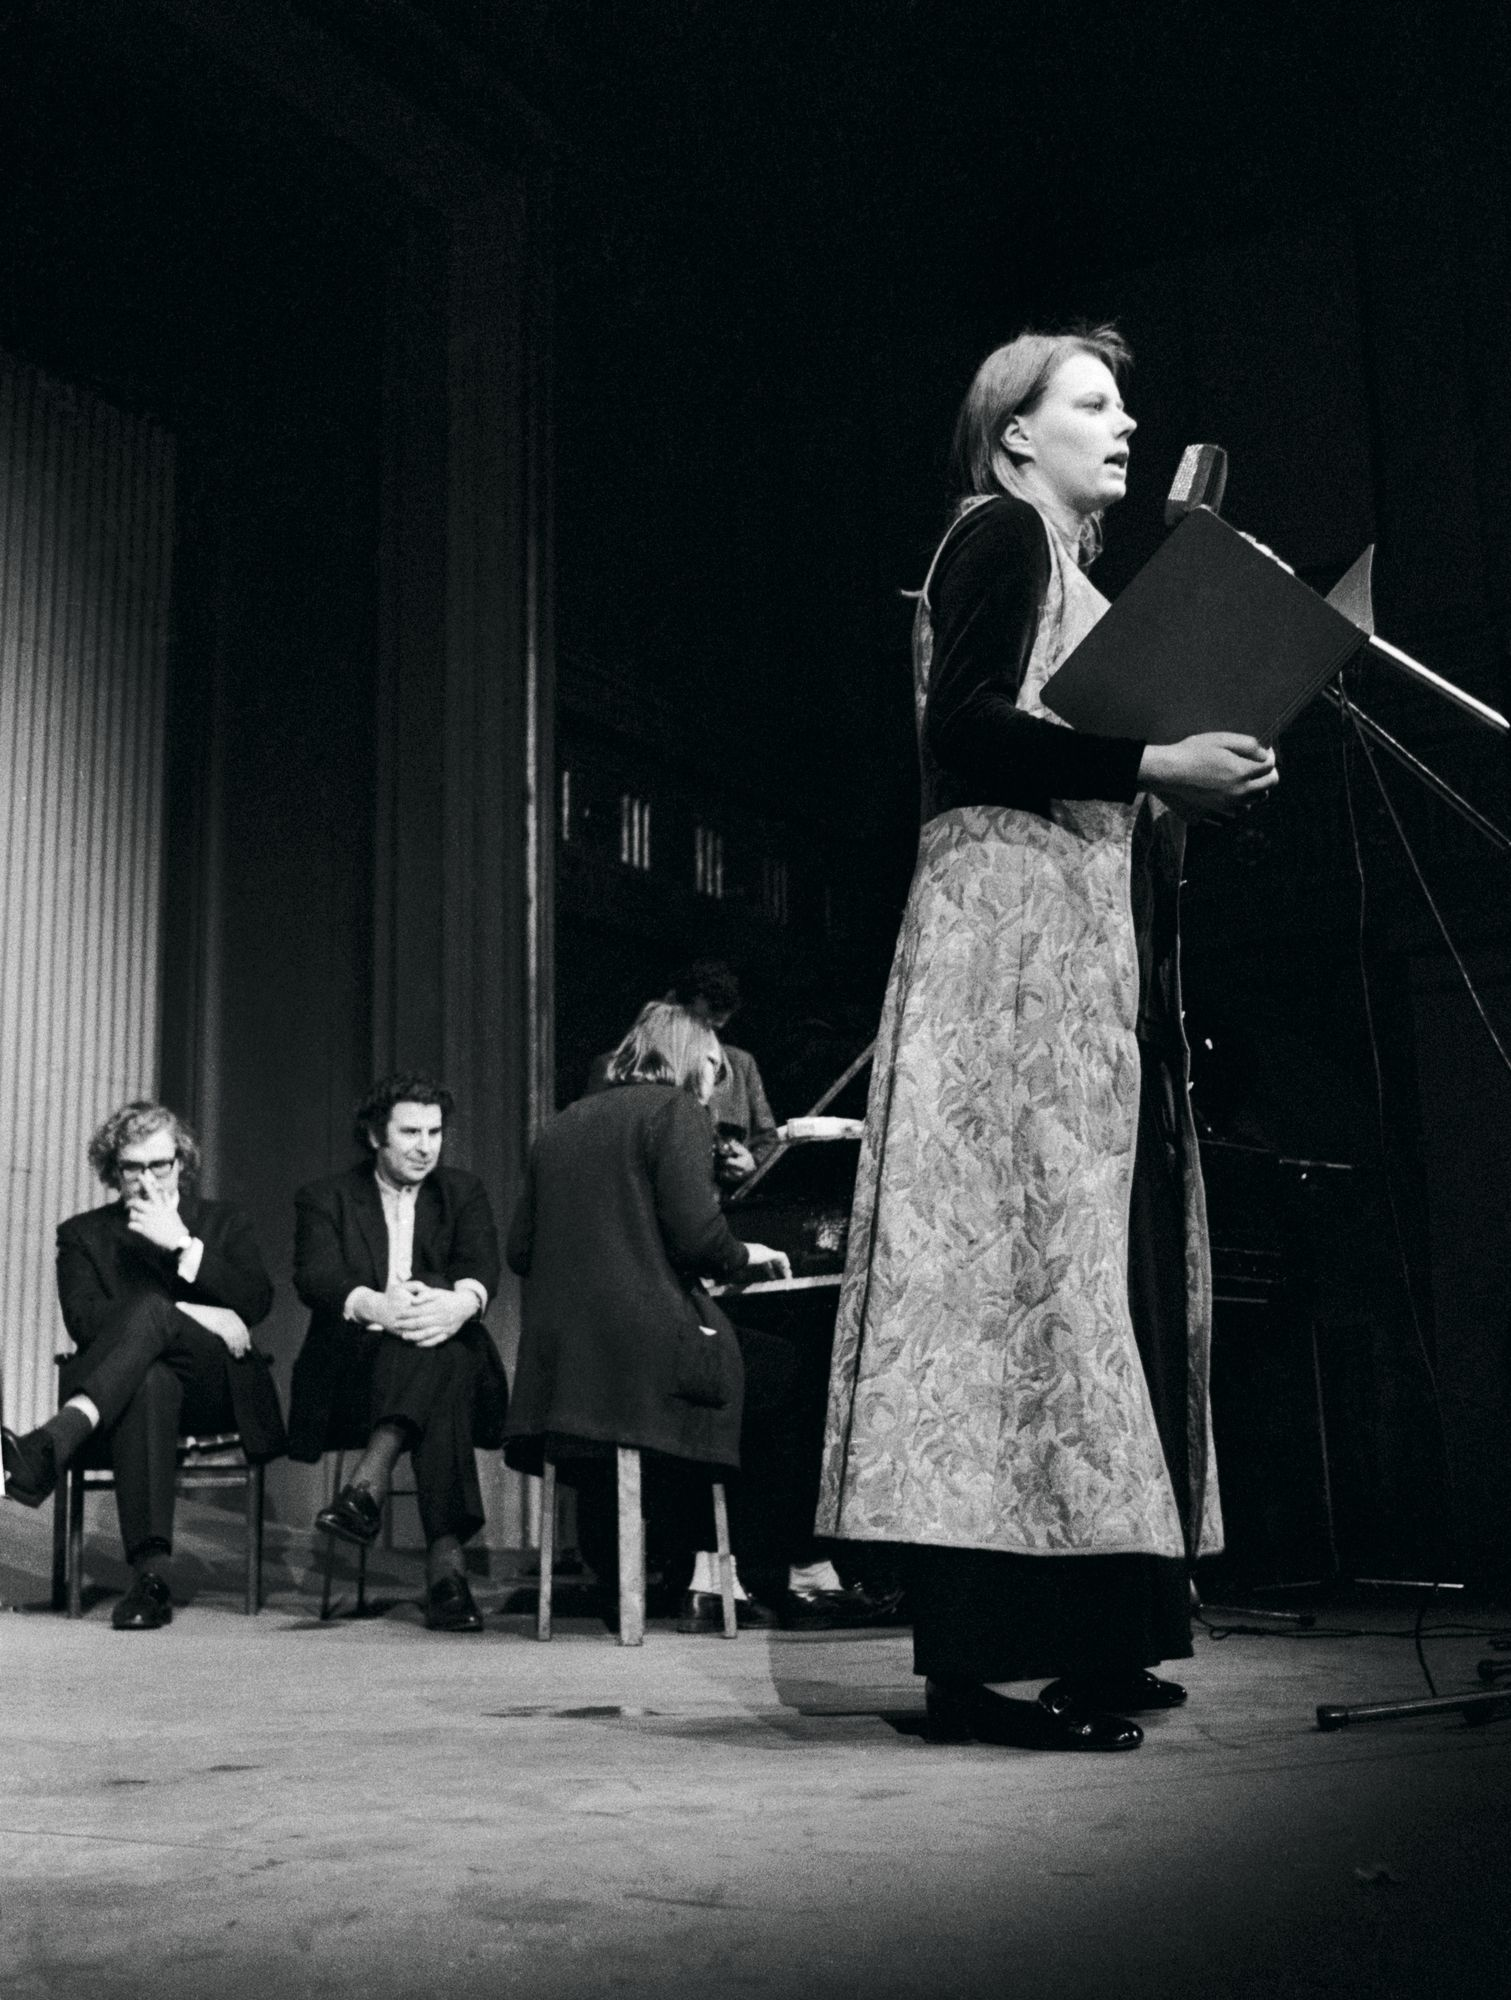 Arja Saijonmaa ja Mikis Theodorakis konsertoivat Vanhalla ylioppilastalolla Helsingissä 16. marraskuuta 1970. © Lehtikuva